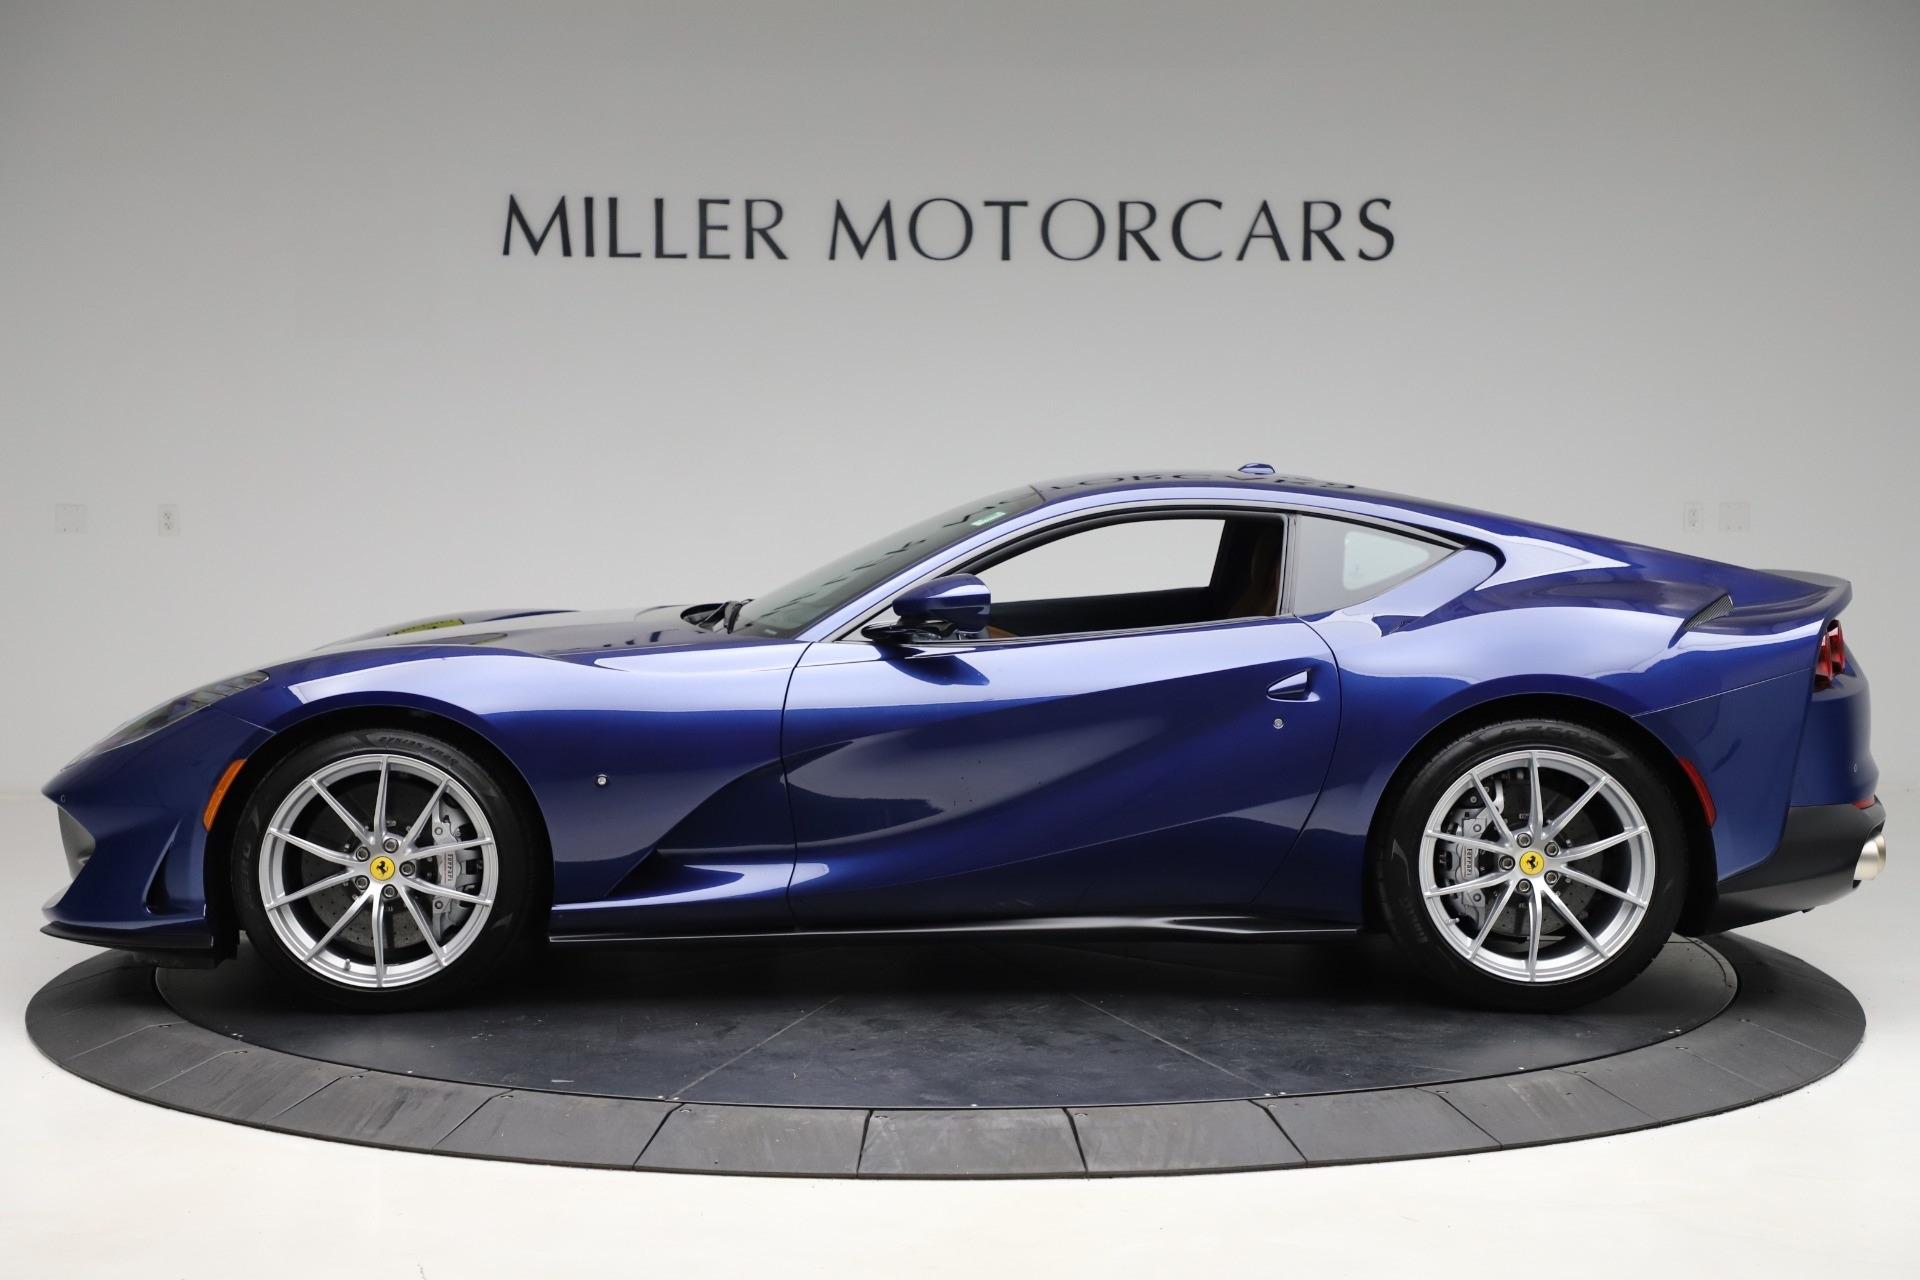 Pre Owned 2020 Ferrari 812 Superfast For Sale Miller Motorcars Stock 4666